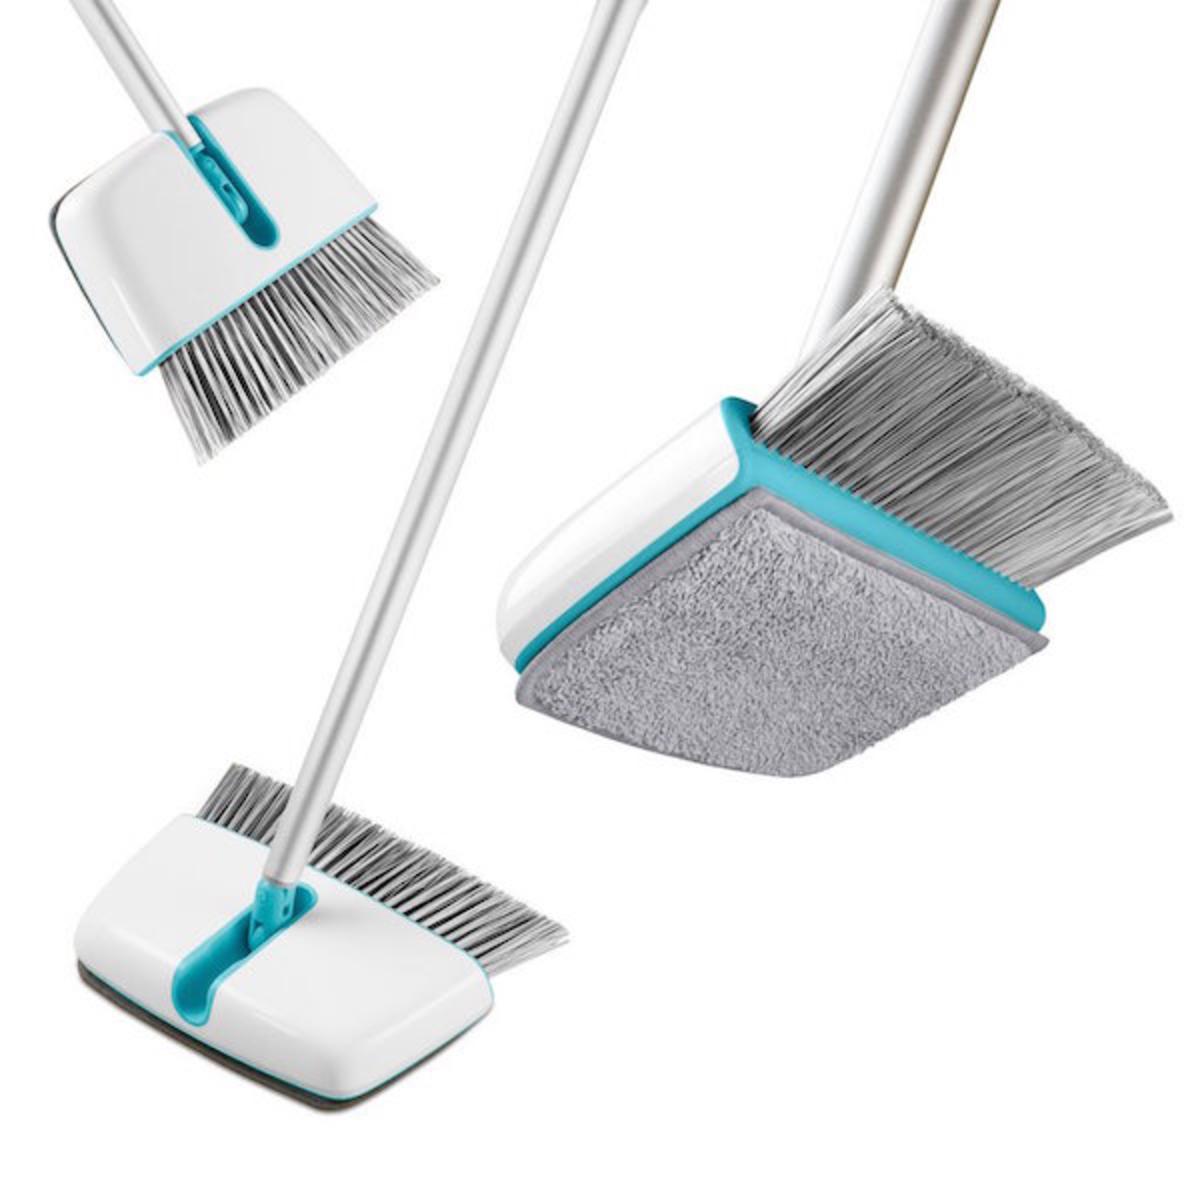 Quirky Flipside (2 in 1 Broom + Dust mop) | Go Shop